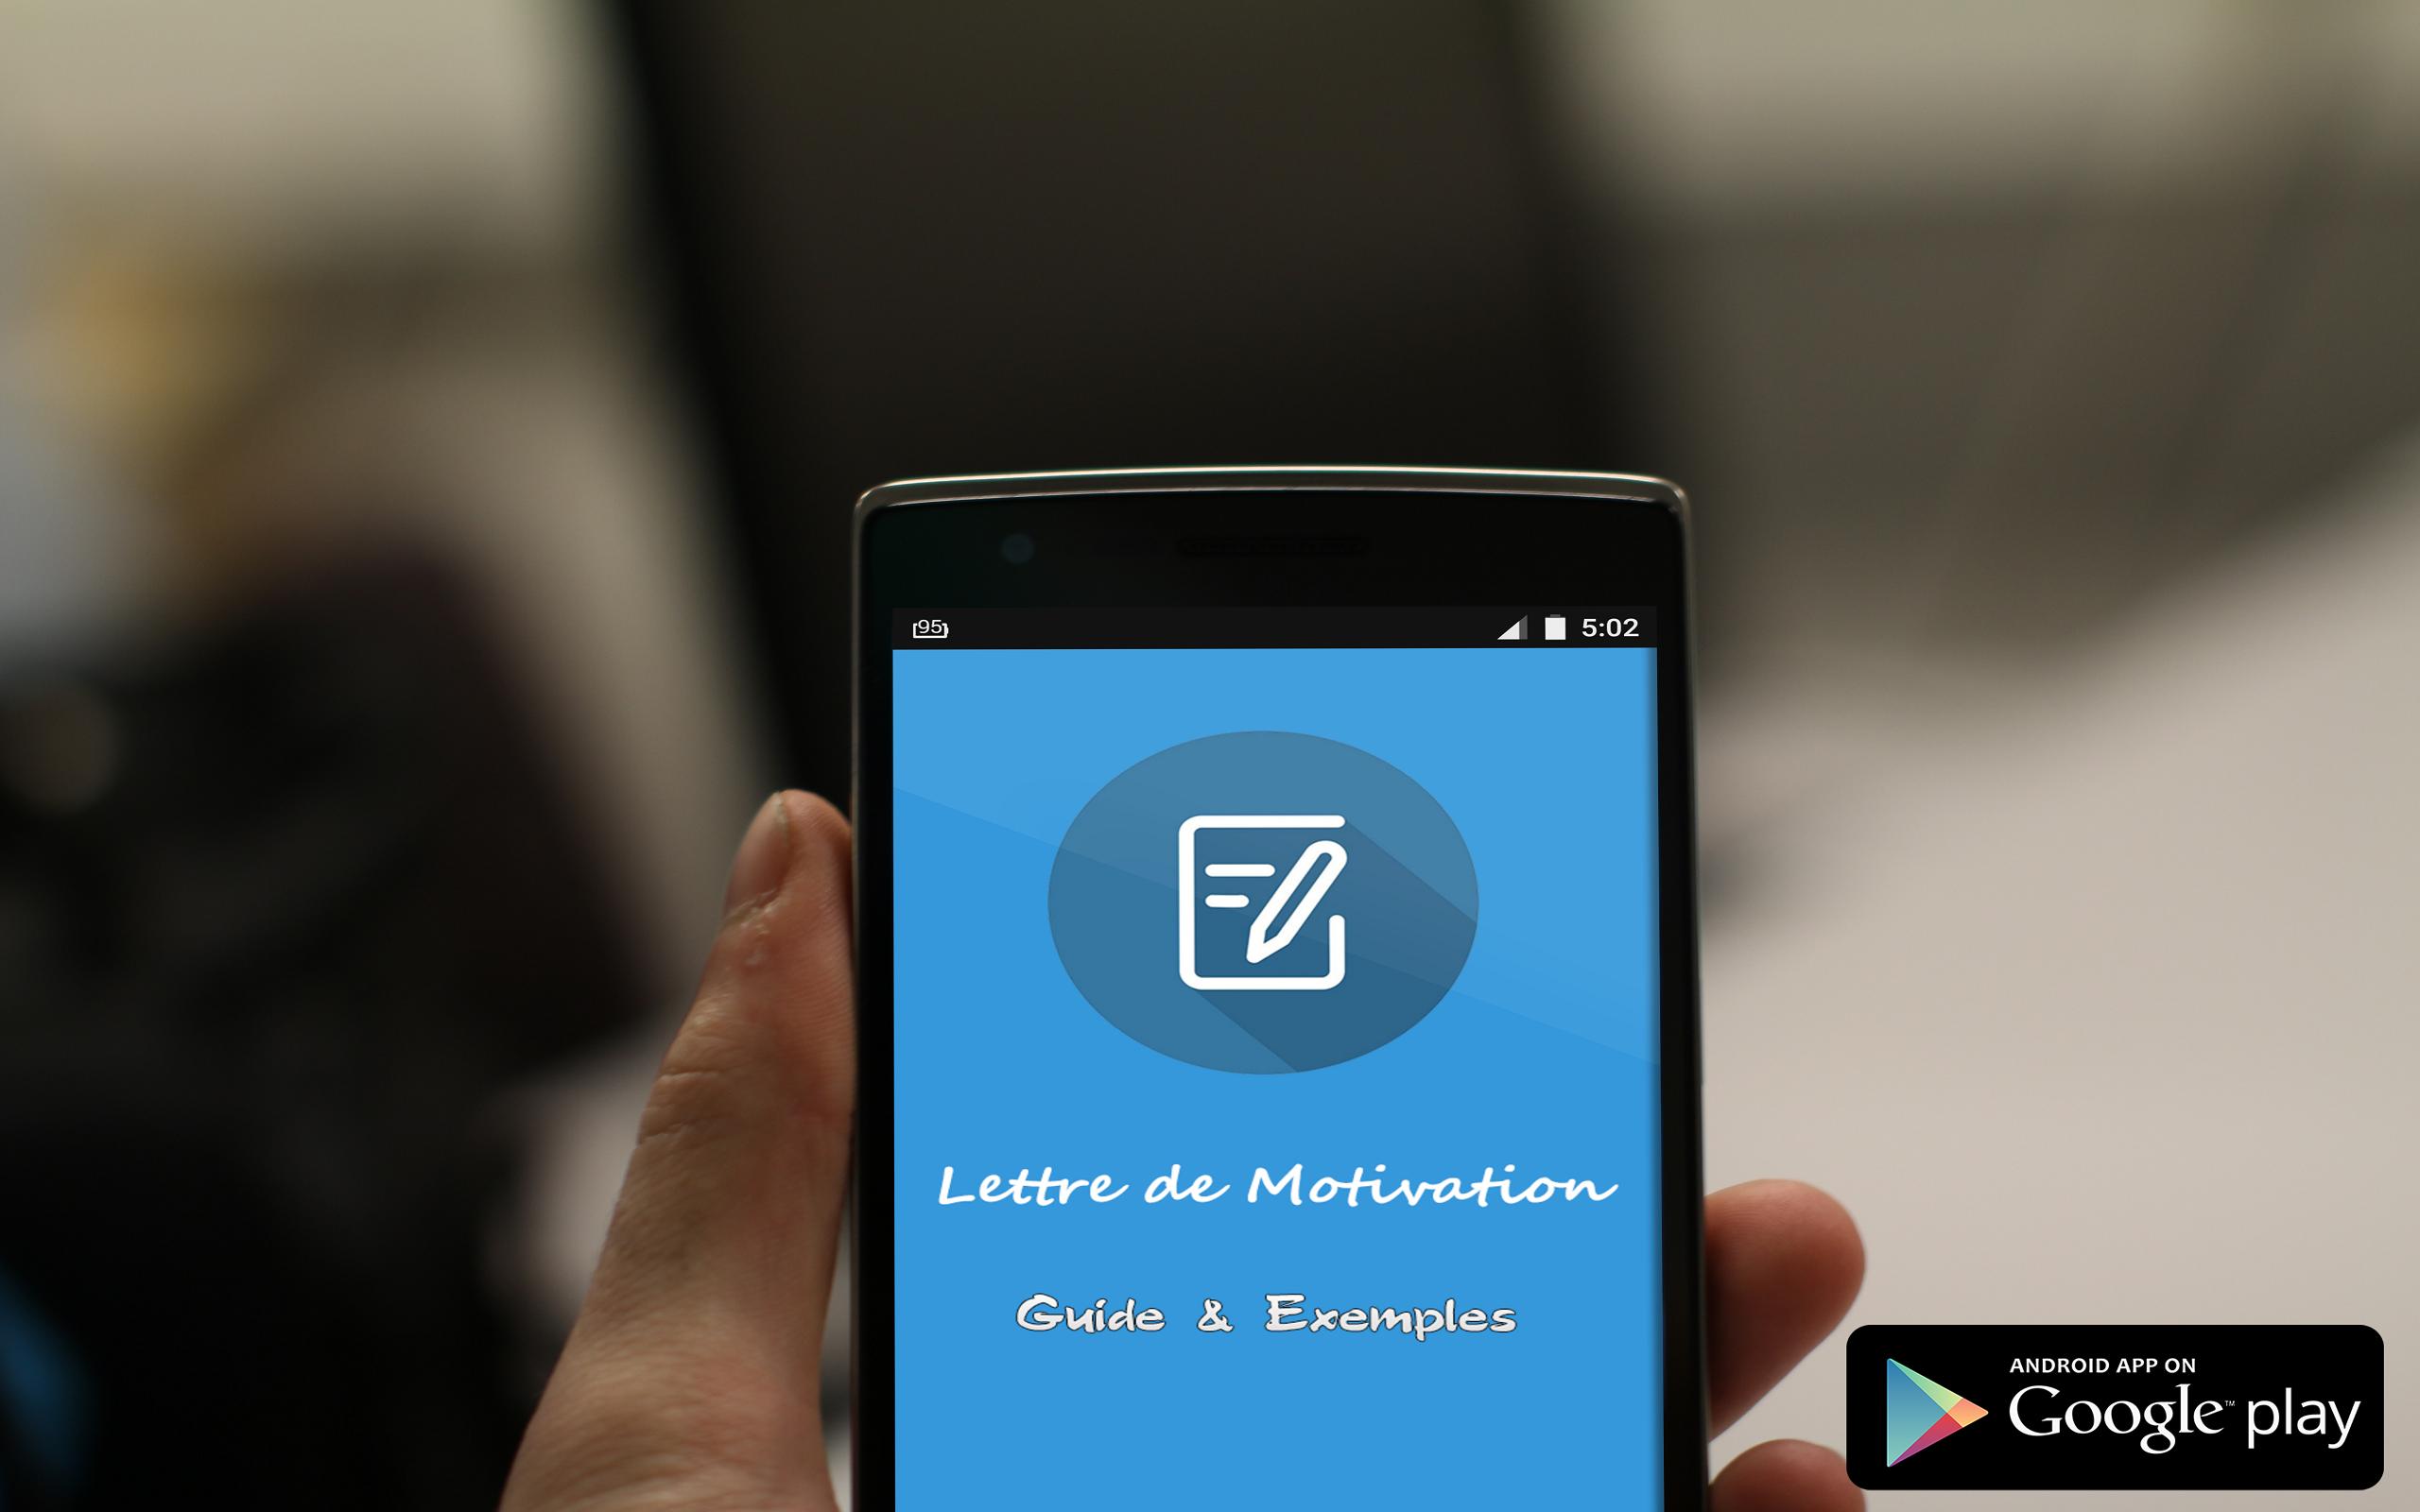 Amazon Com Lettre De Motivation Guide Appstore For Android